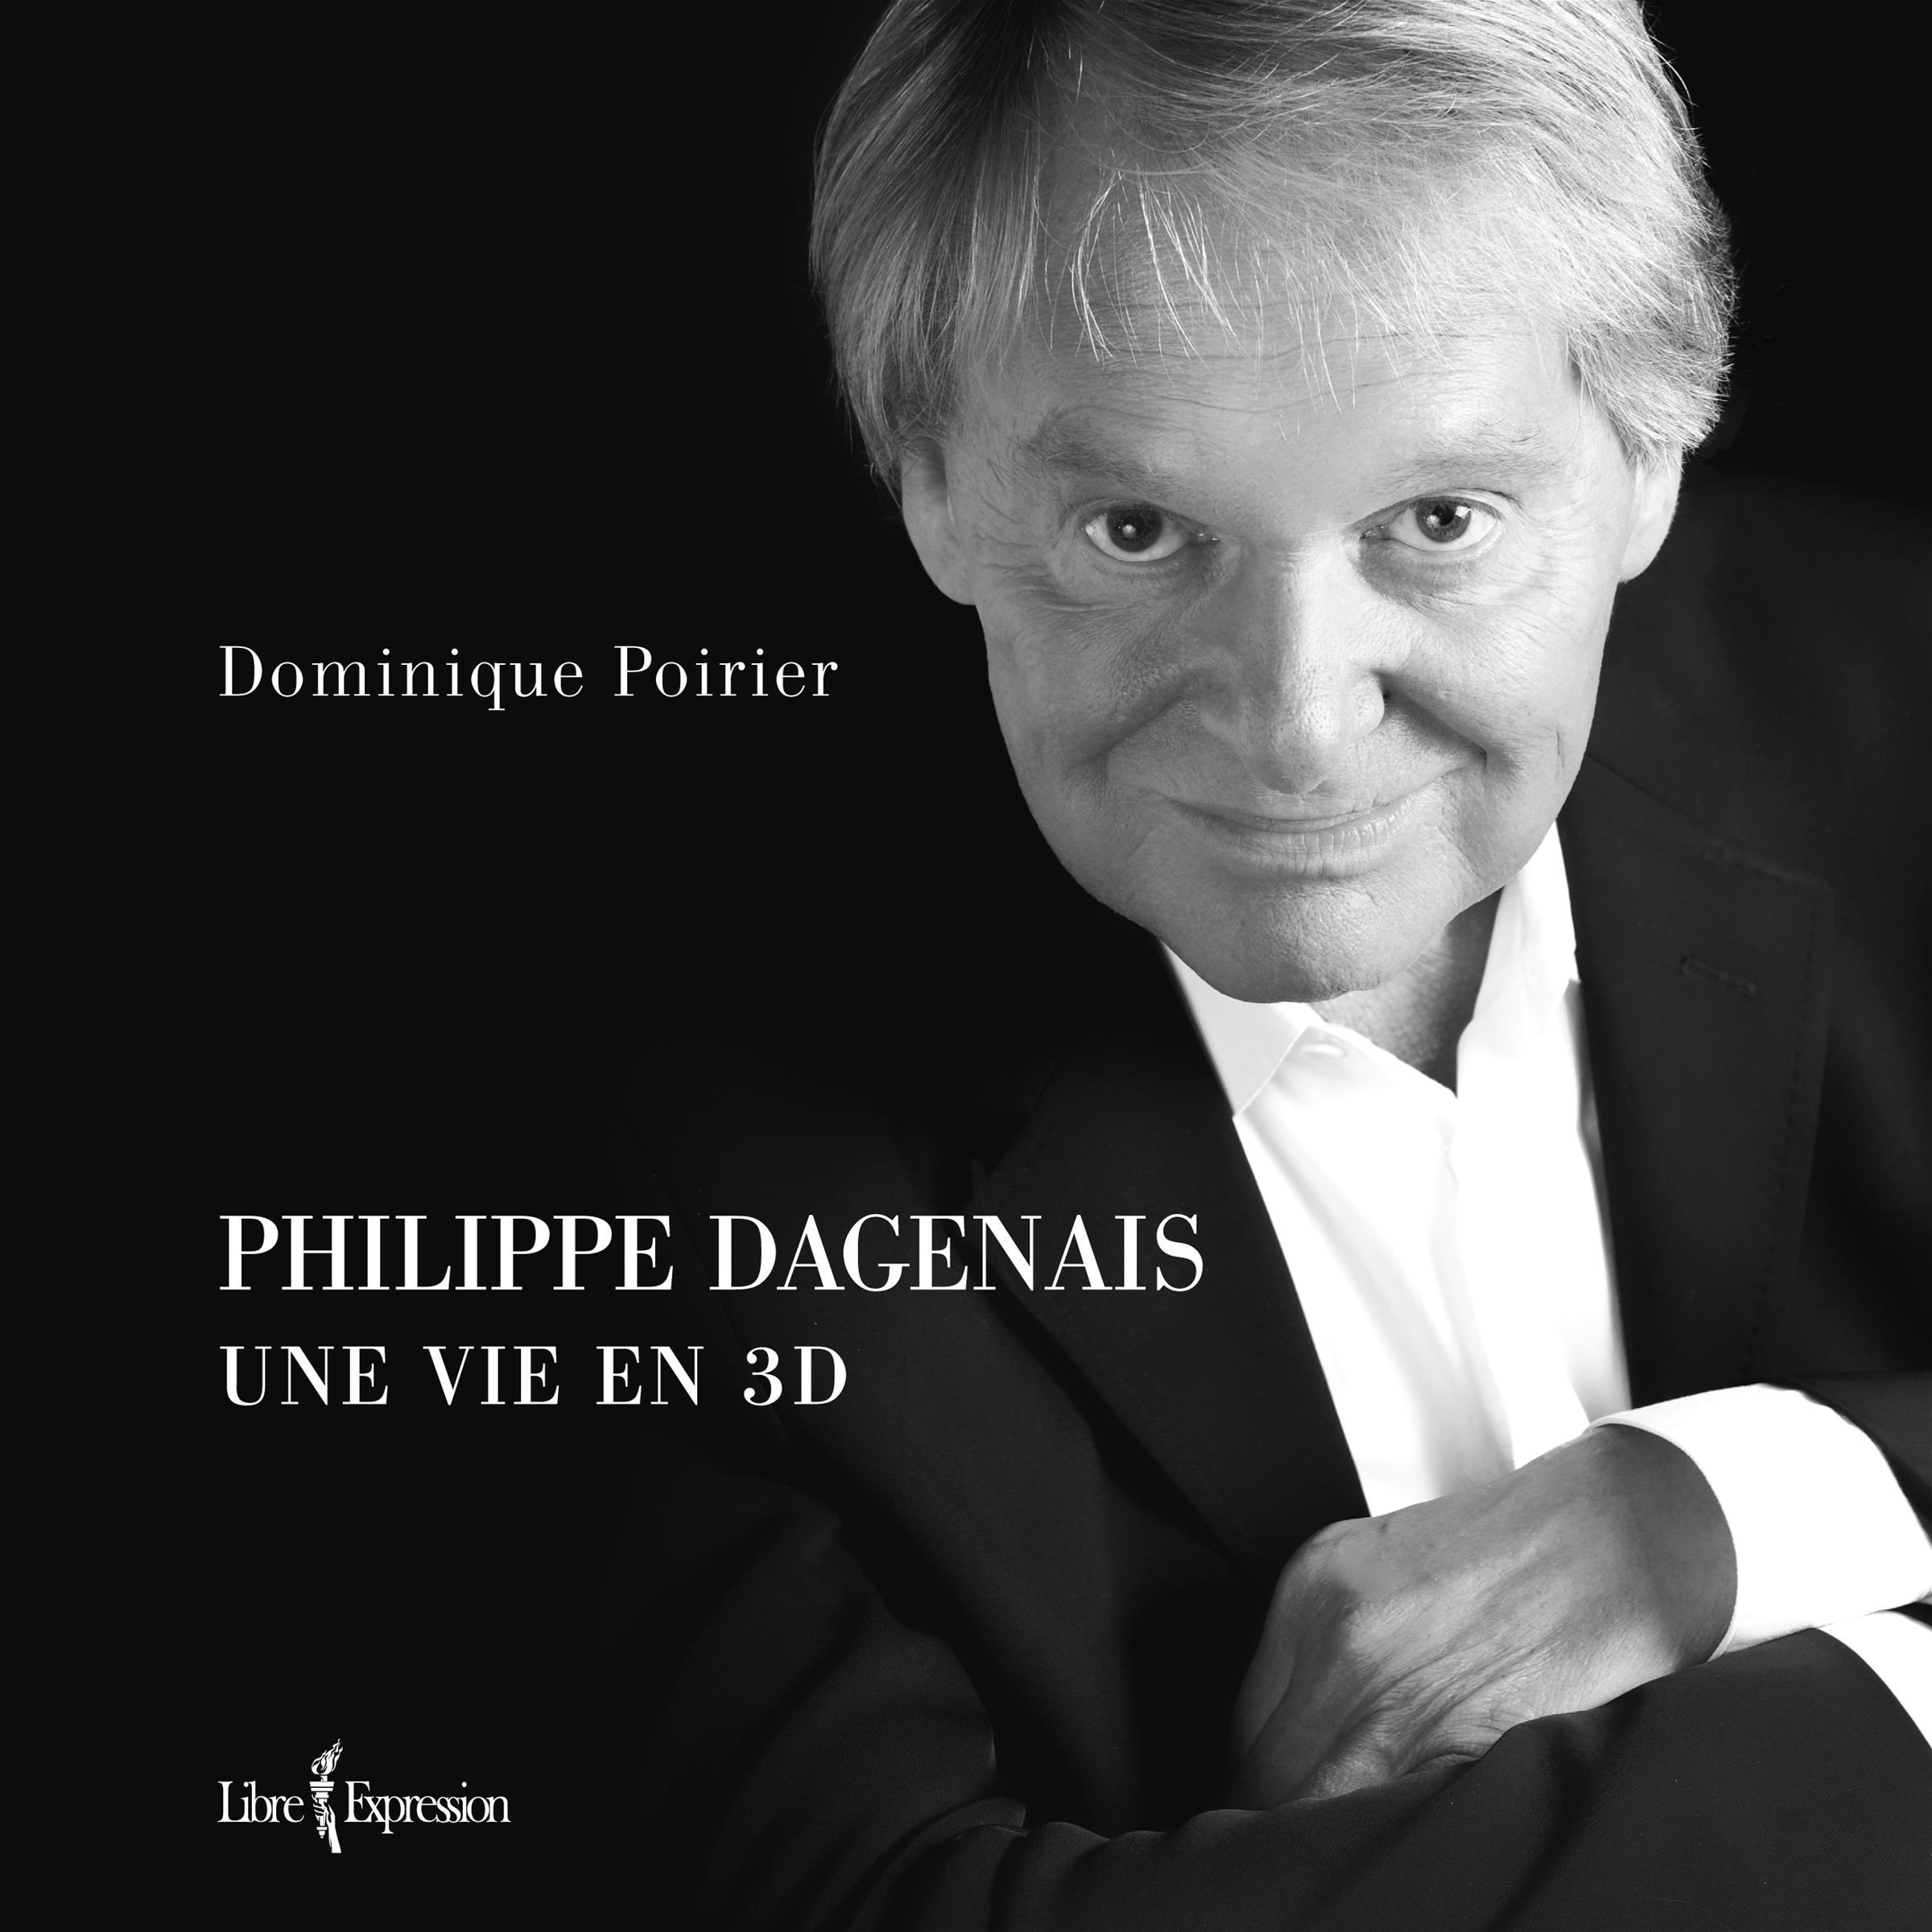 Philippe Dagenais - Une vie en 3D